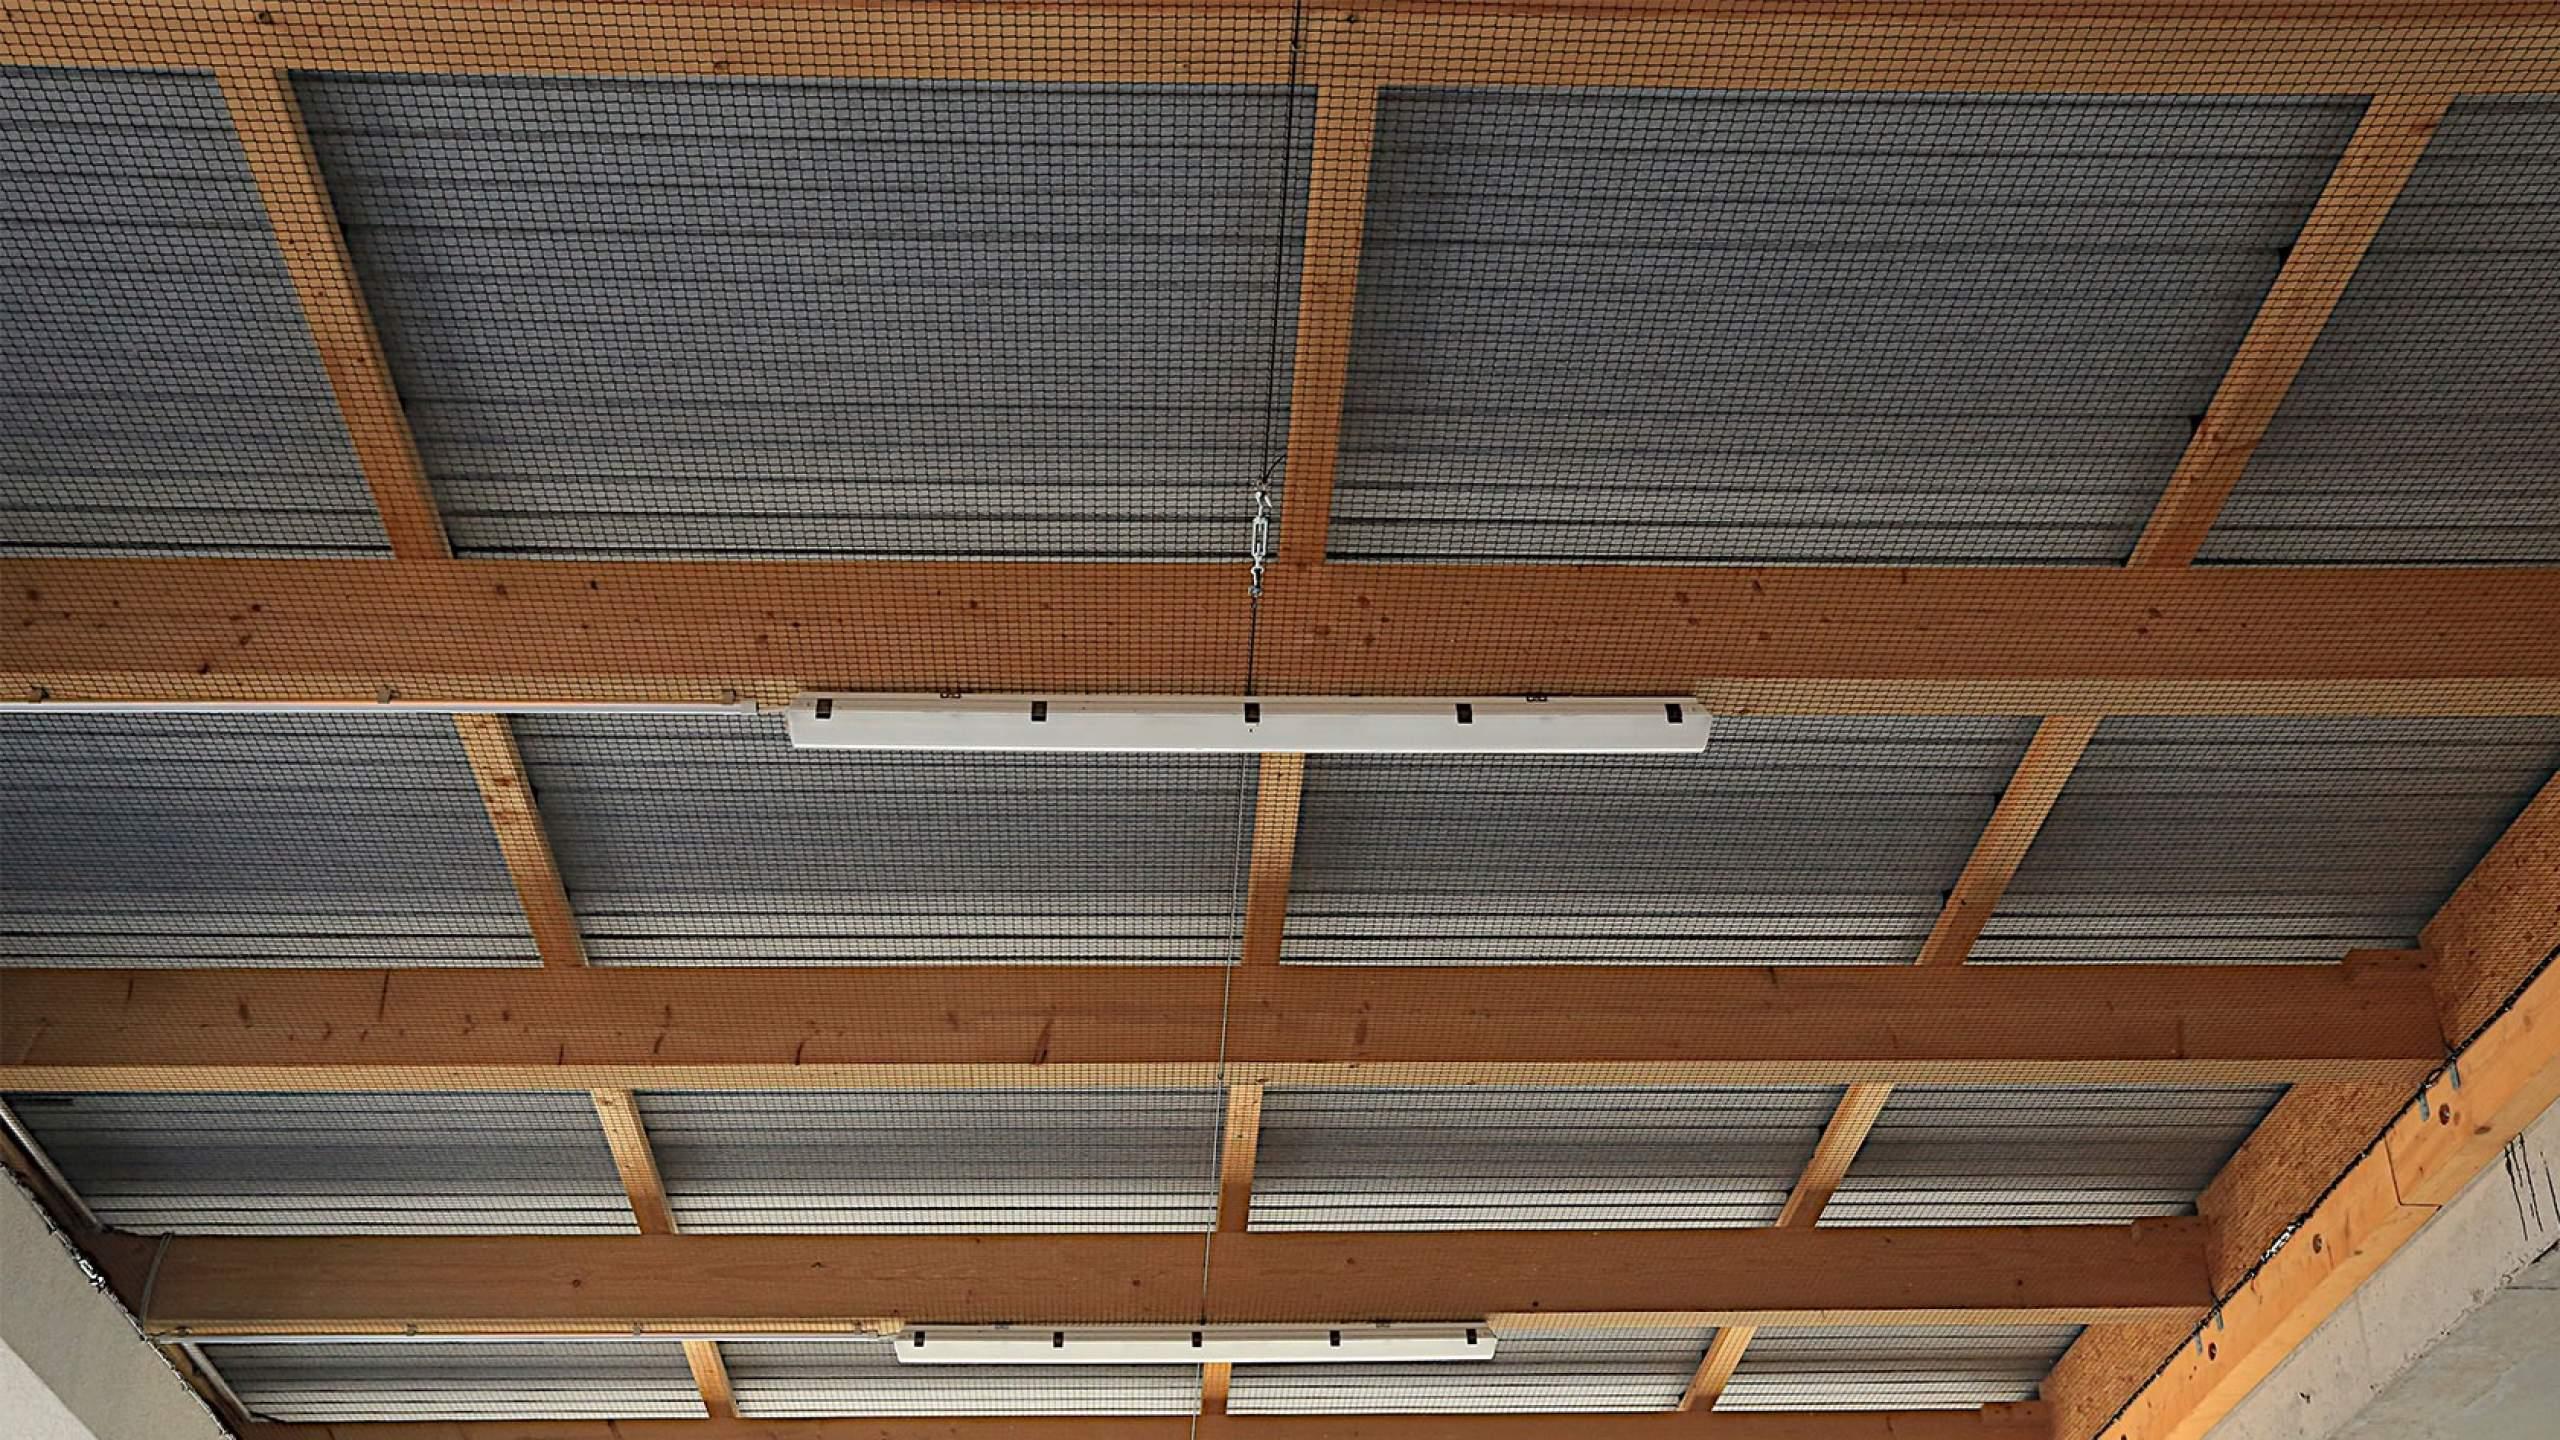 Zimmererarbeiten großes Gebäude Decke innen